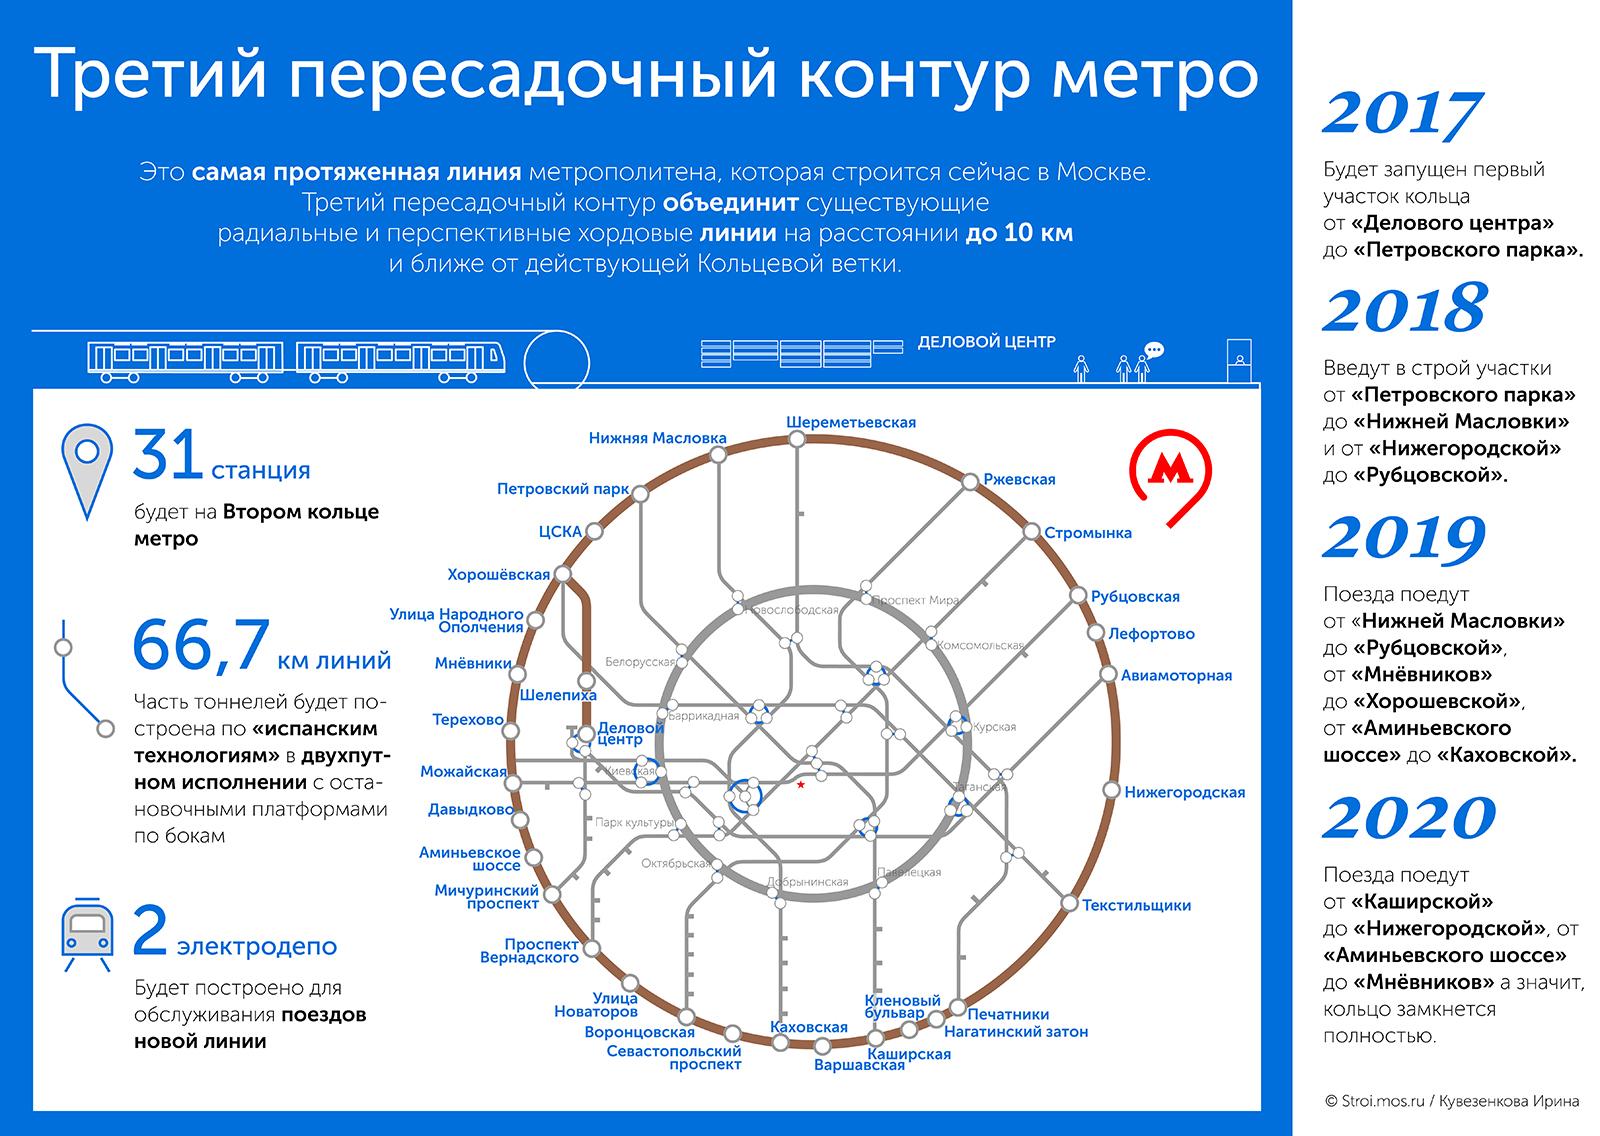 ТПК метро_fin_2017_